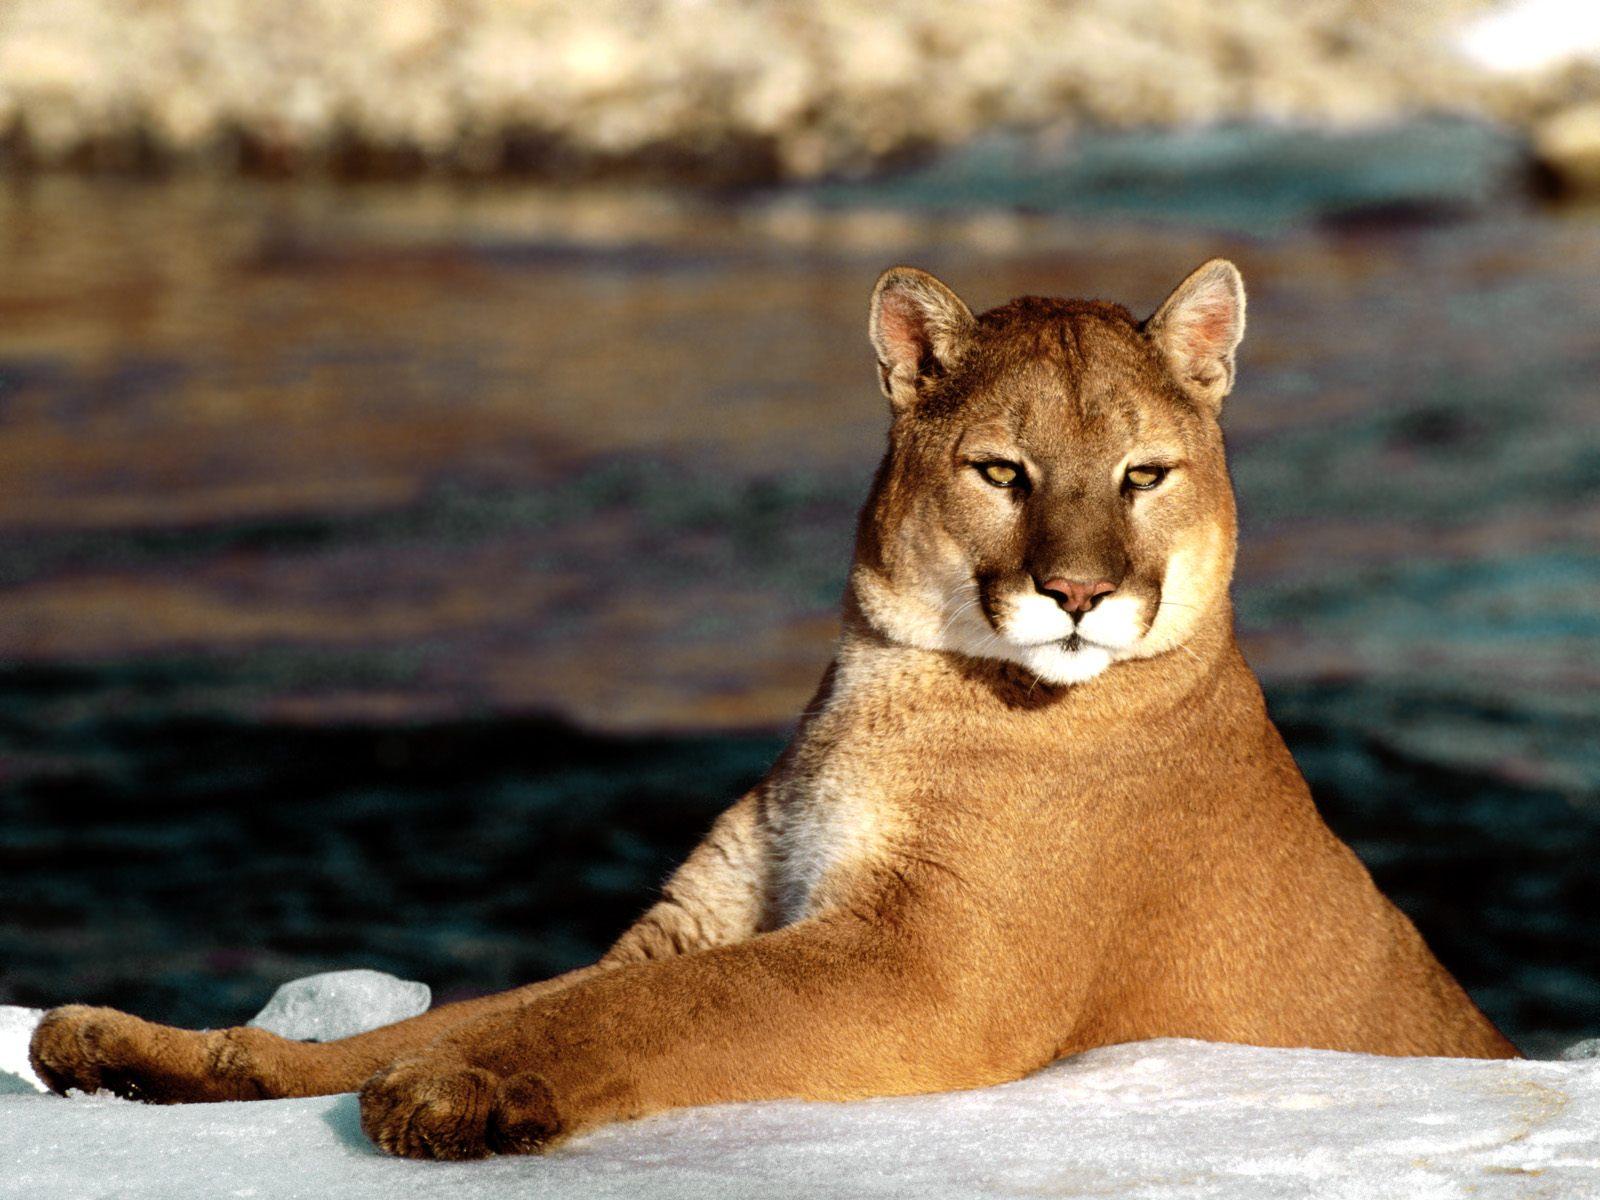 http://4.bp.blogspot.com/-HMZ_XkBInBU/Tcvqg1JzmkI/AAAAAAAABg8/MpaFHtH1pyE/s1600/Puma_2.jpg